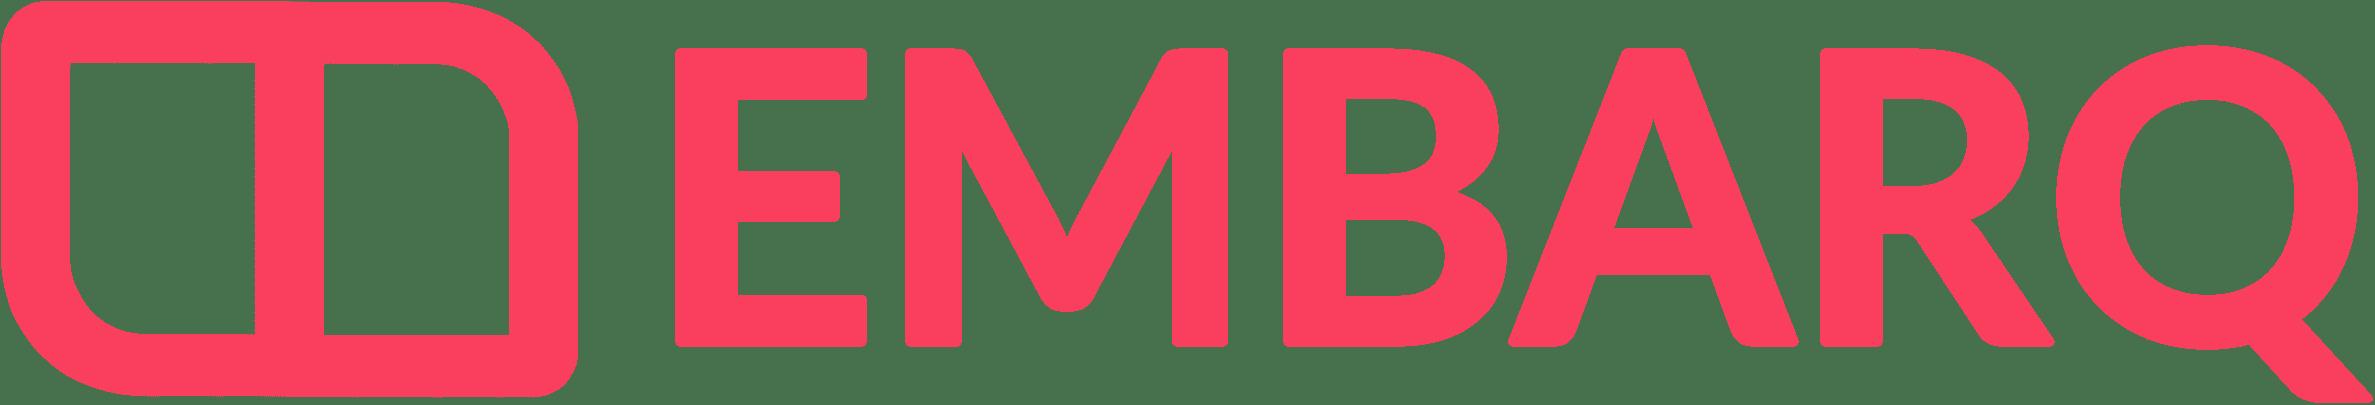 embarq logo horizontal pink